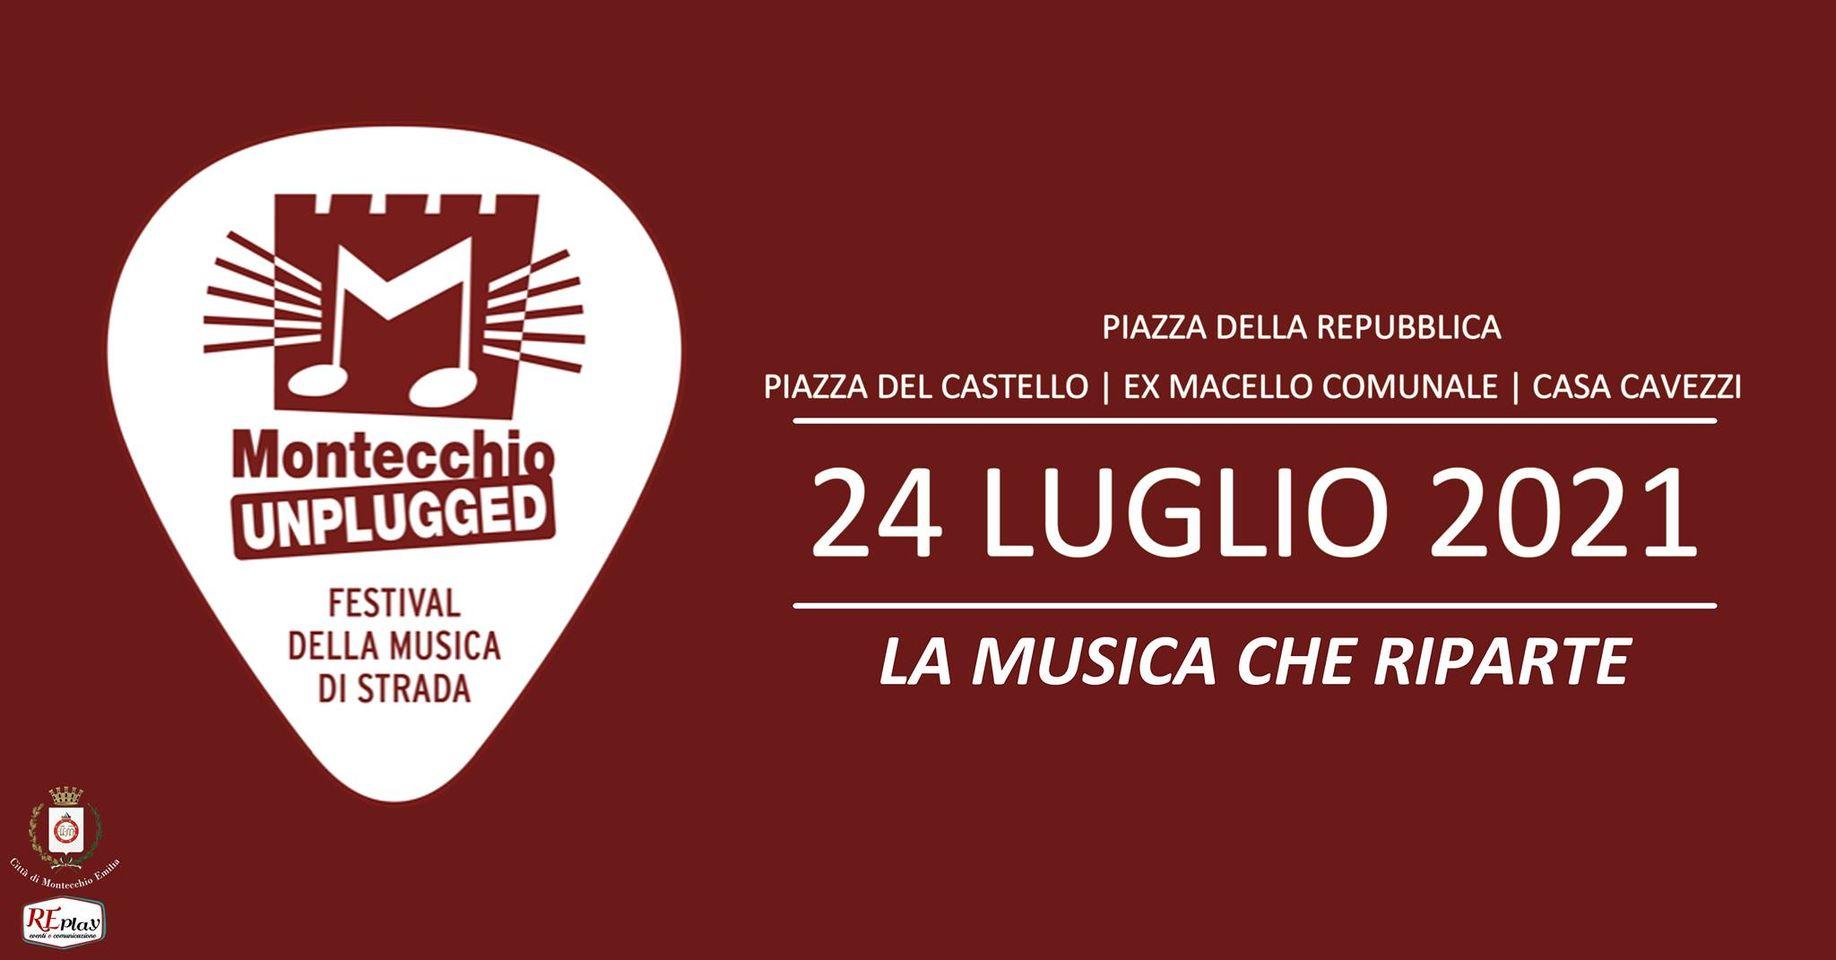 16' edizione del festival della musica di strada Montecchio Unplugged 2021